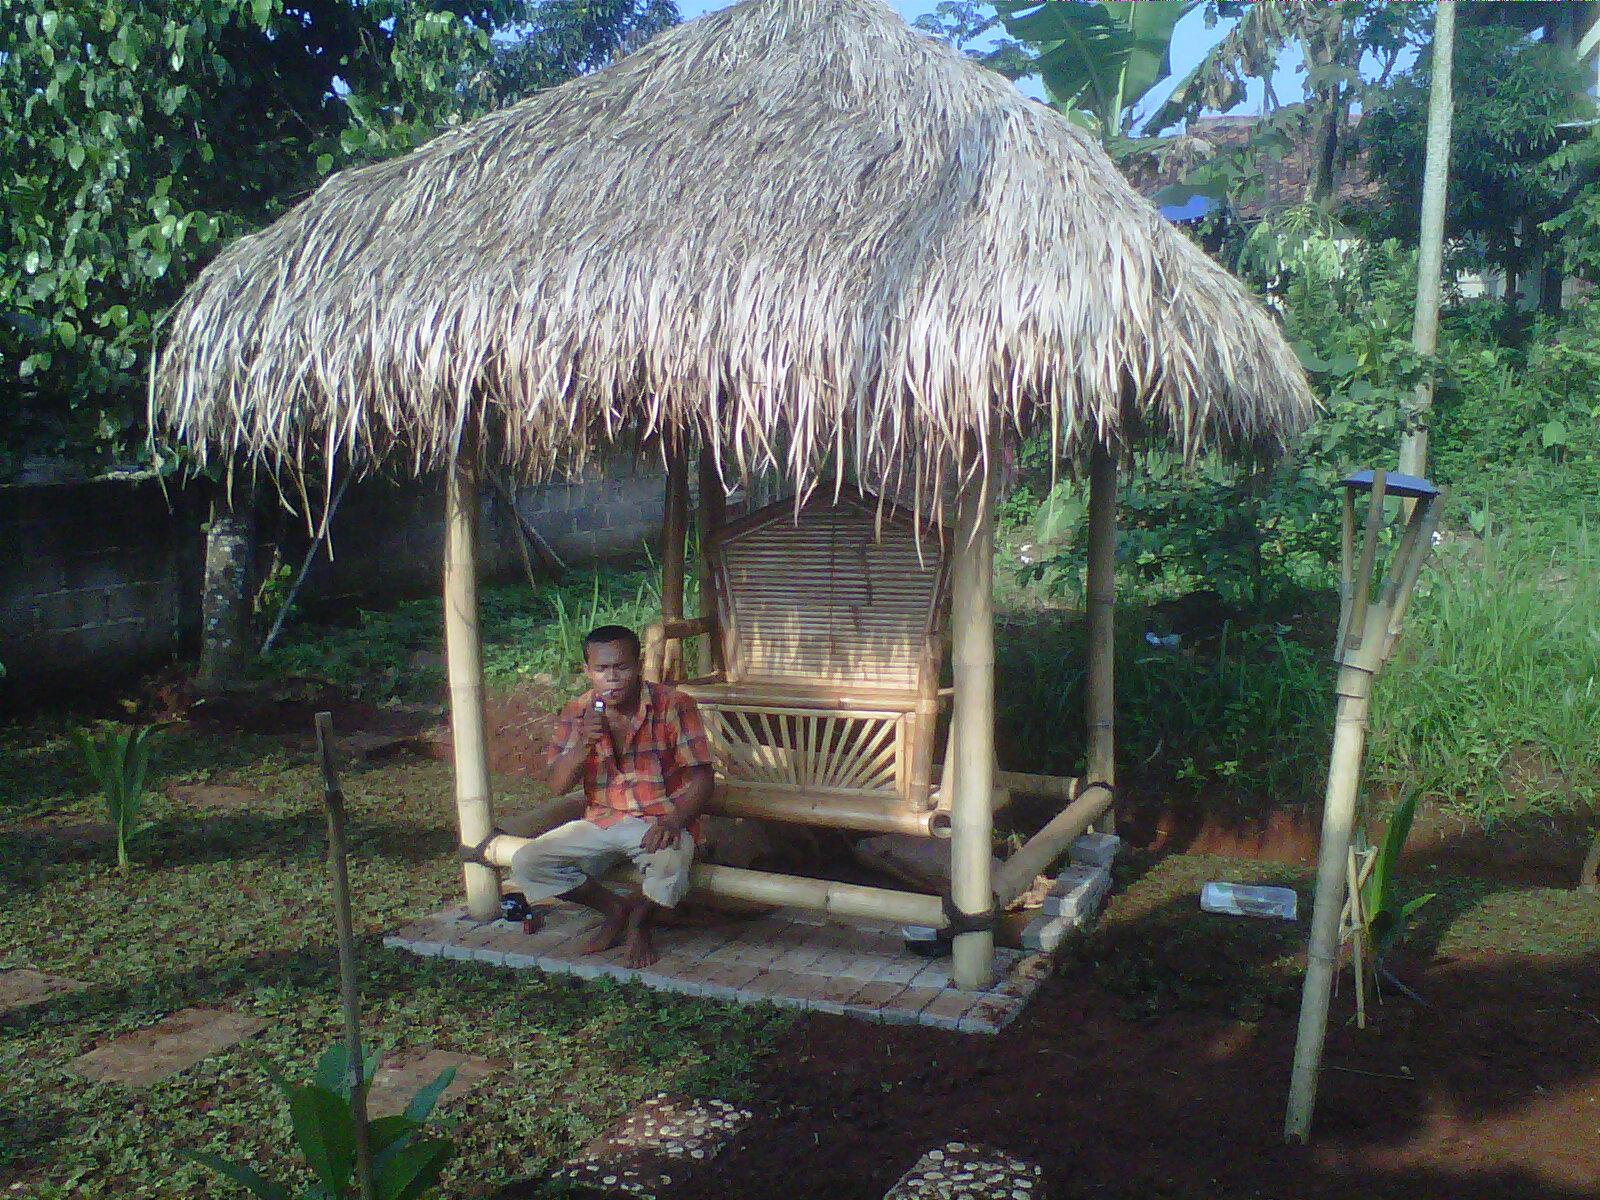 Jual Saung Bambu Tukang Saung Bambu Tukang Saung Bambu